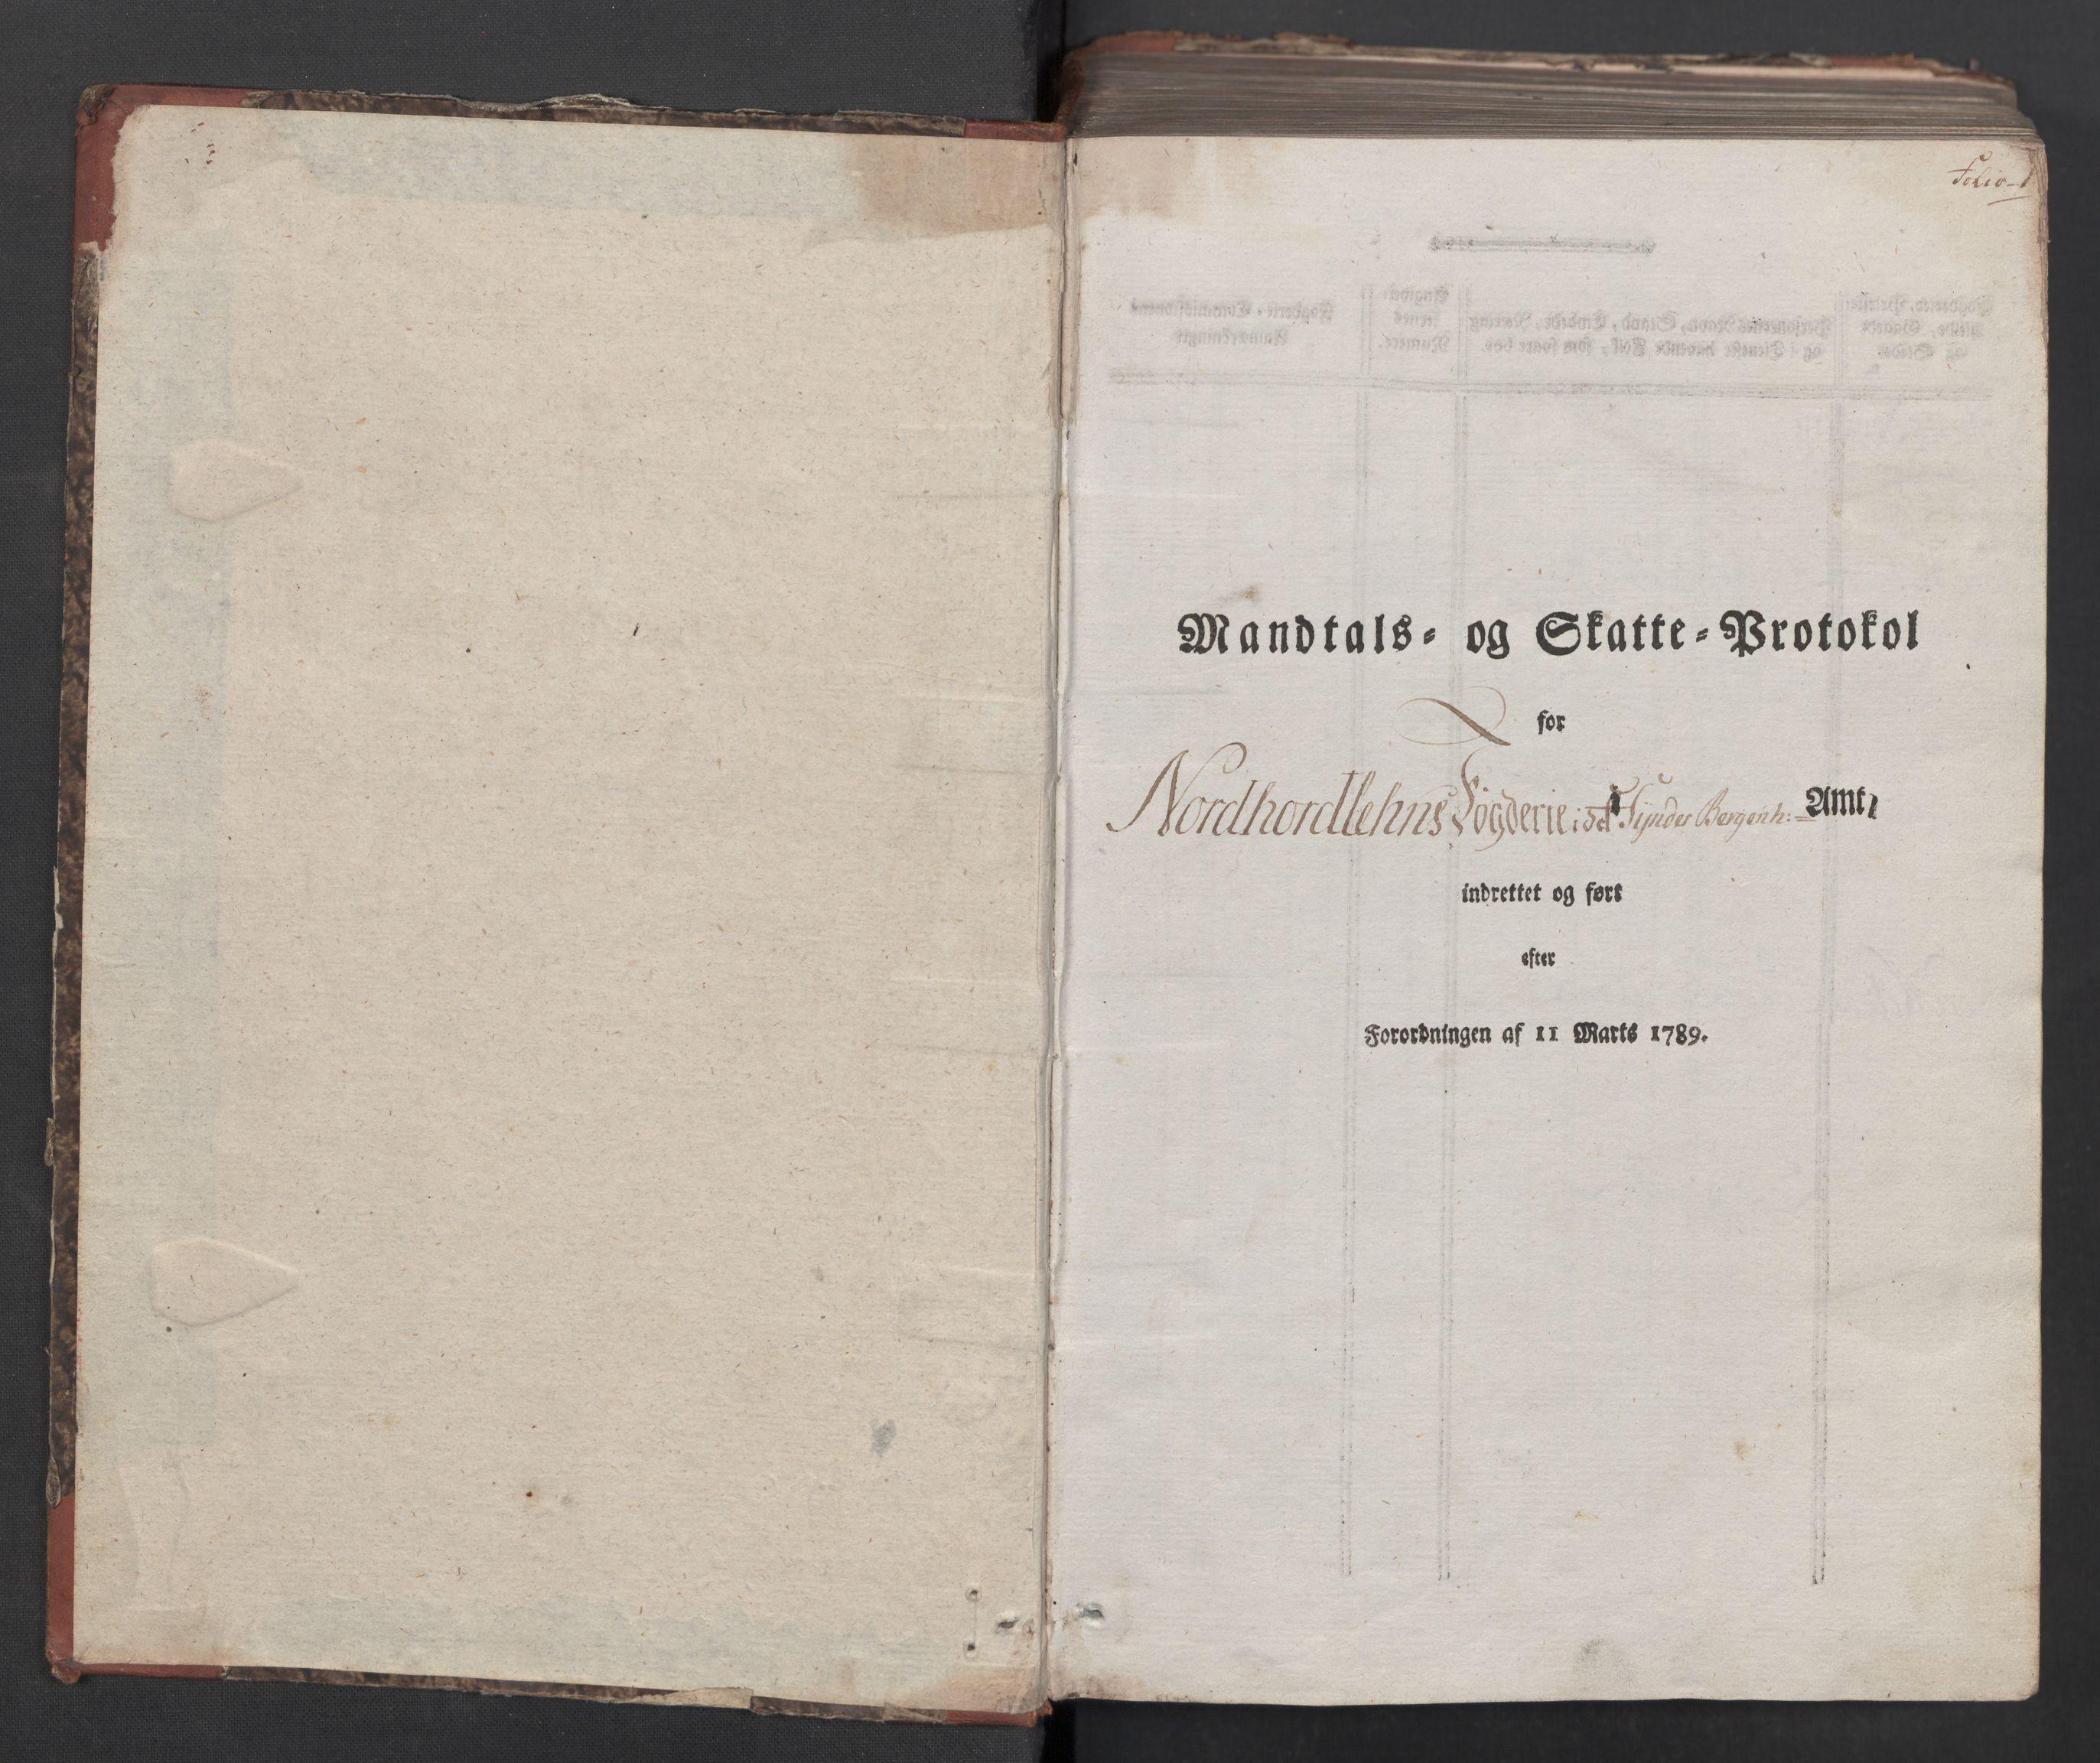 RA, Rentekammeret inntil 1814, Reviderte regnskaper, Mindre regnskaper, Rf/Rfe/L0029: Nordhordland og Voss fogderi, 1789, s. 2